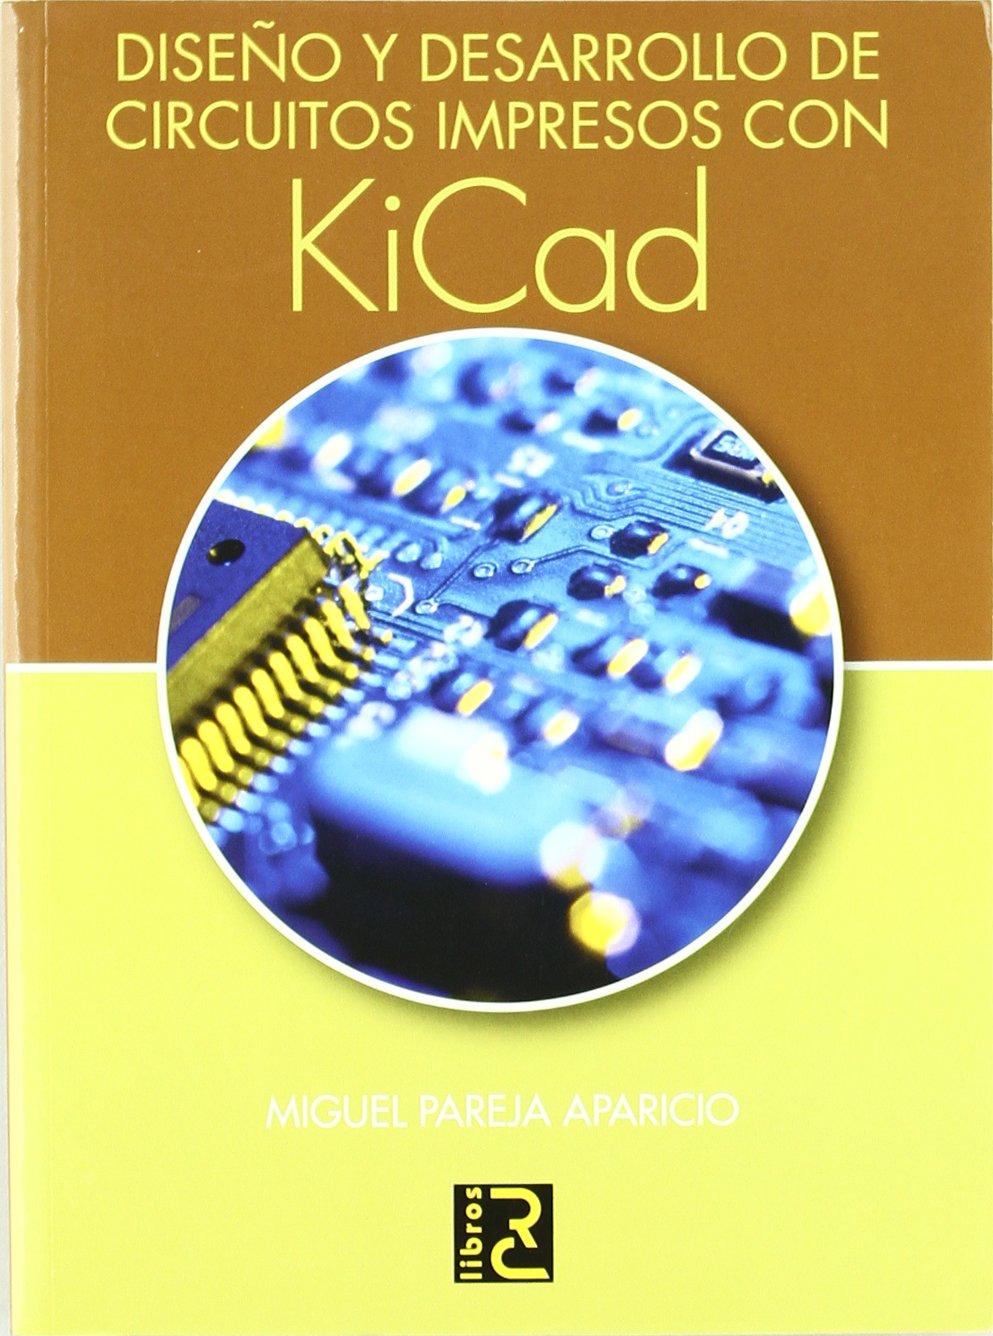 Diseño y desarrollo de circuitos impresos con KiCad: Amazon.es: Miguel Pareja Aparicio, Grupo RC: Libros